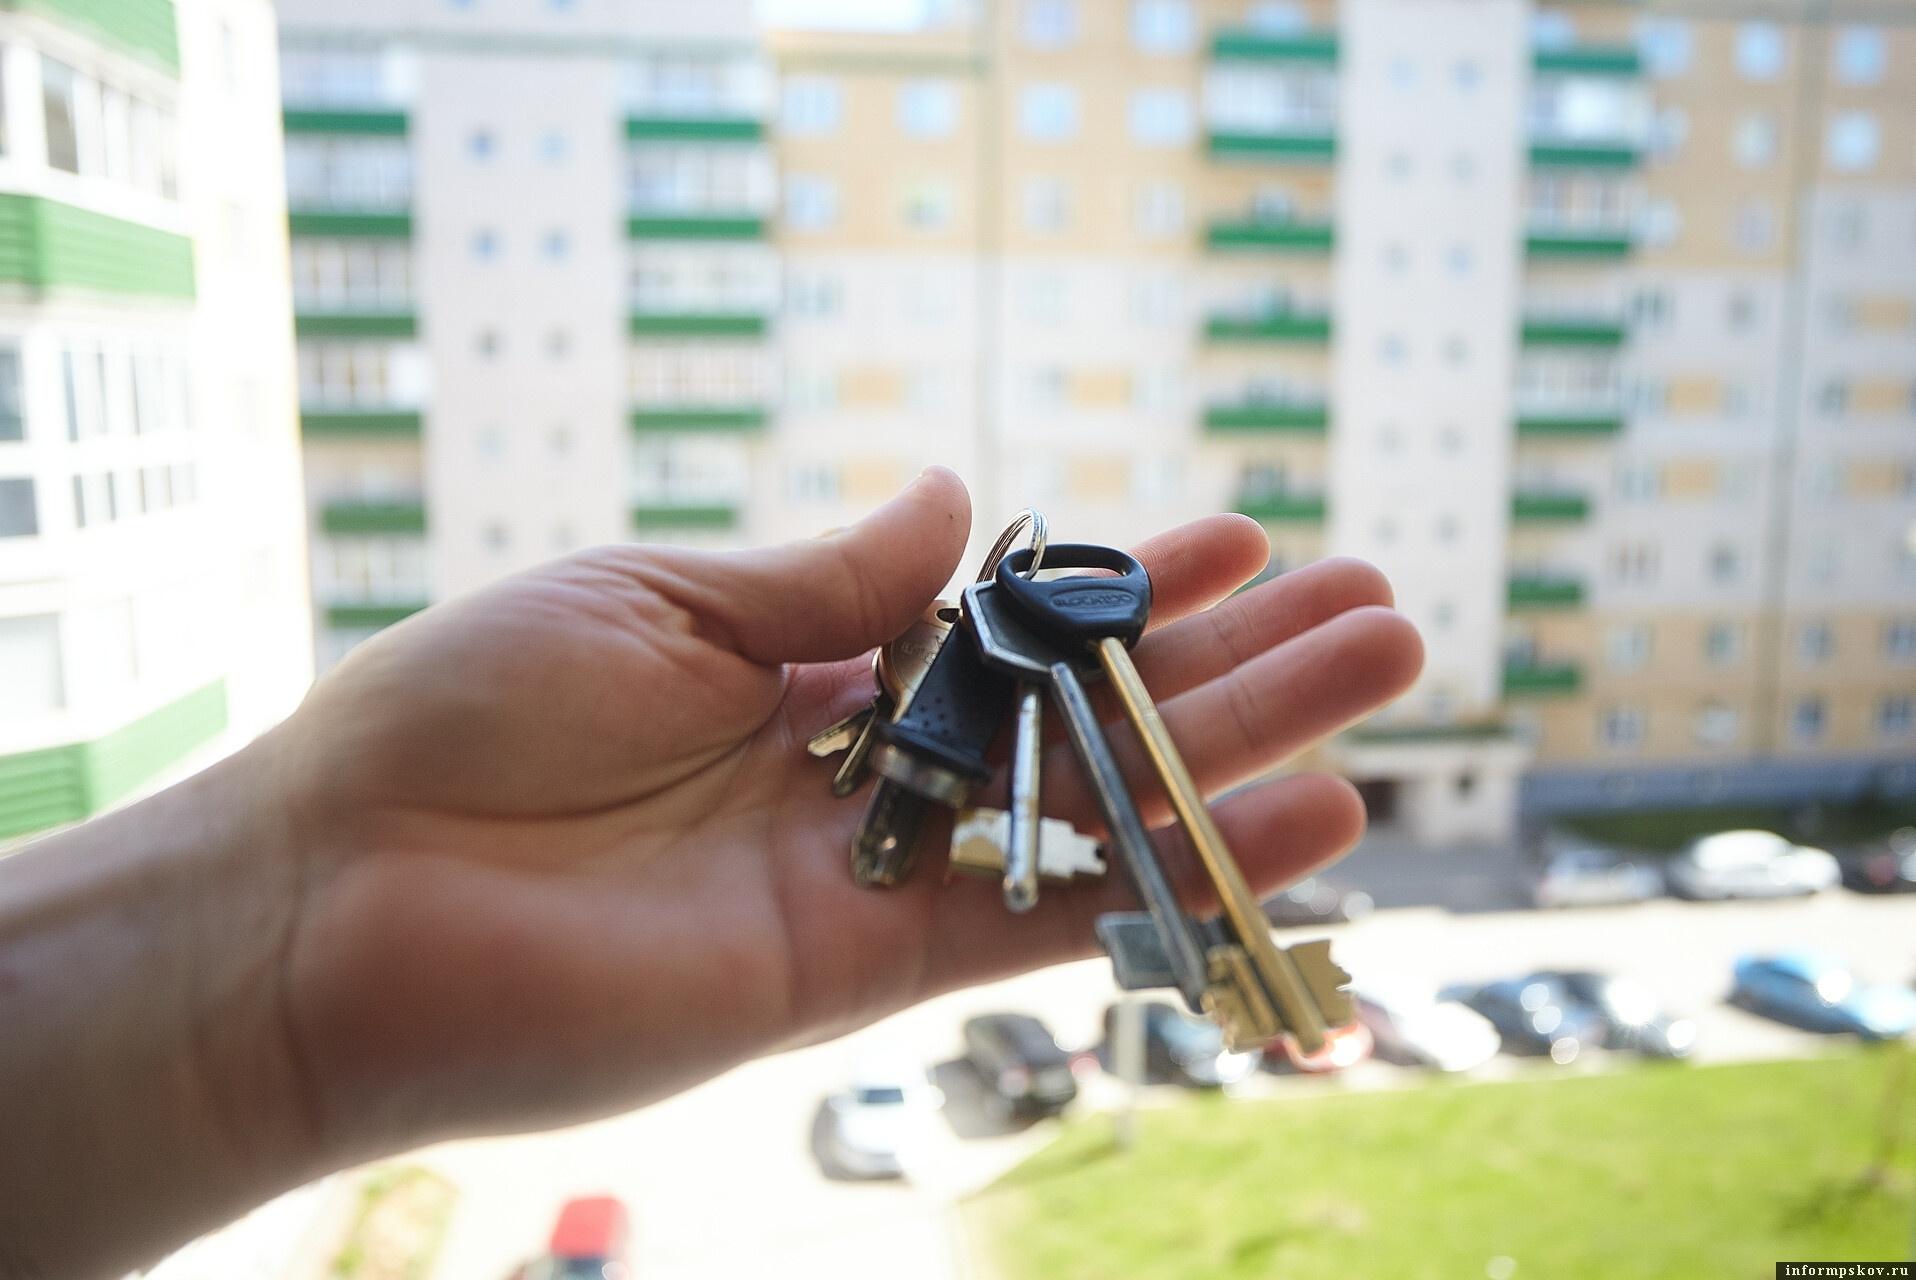 Псковская область продолжит обеспечивать врачей квартирами